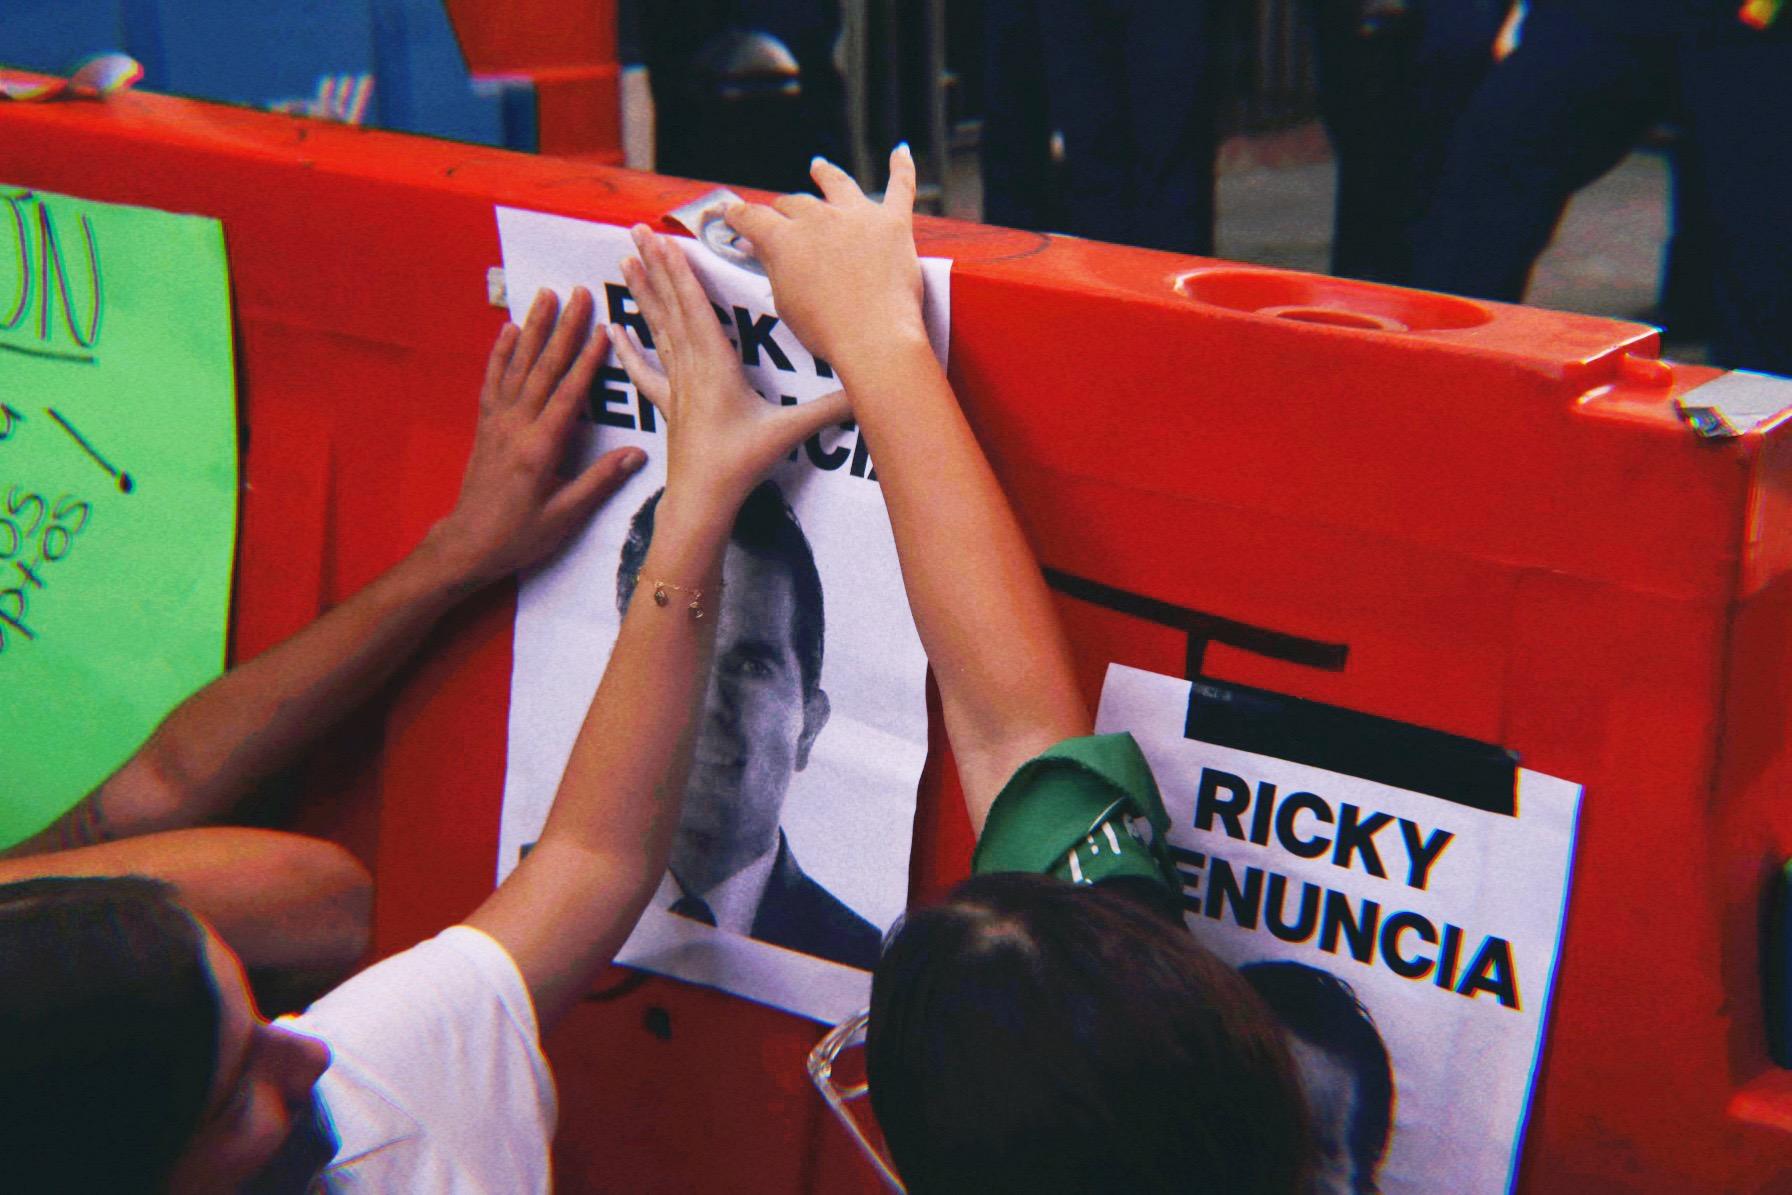 #RickyRenuncia: Manifiesto consciente